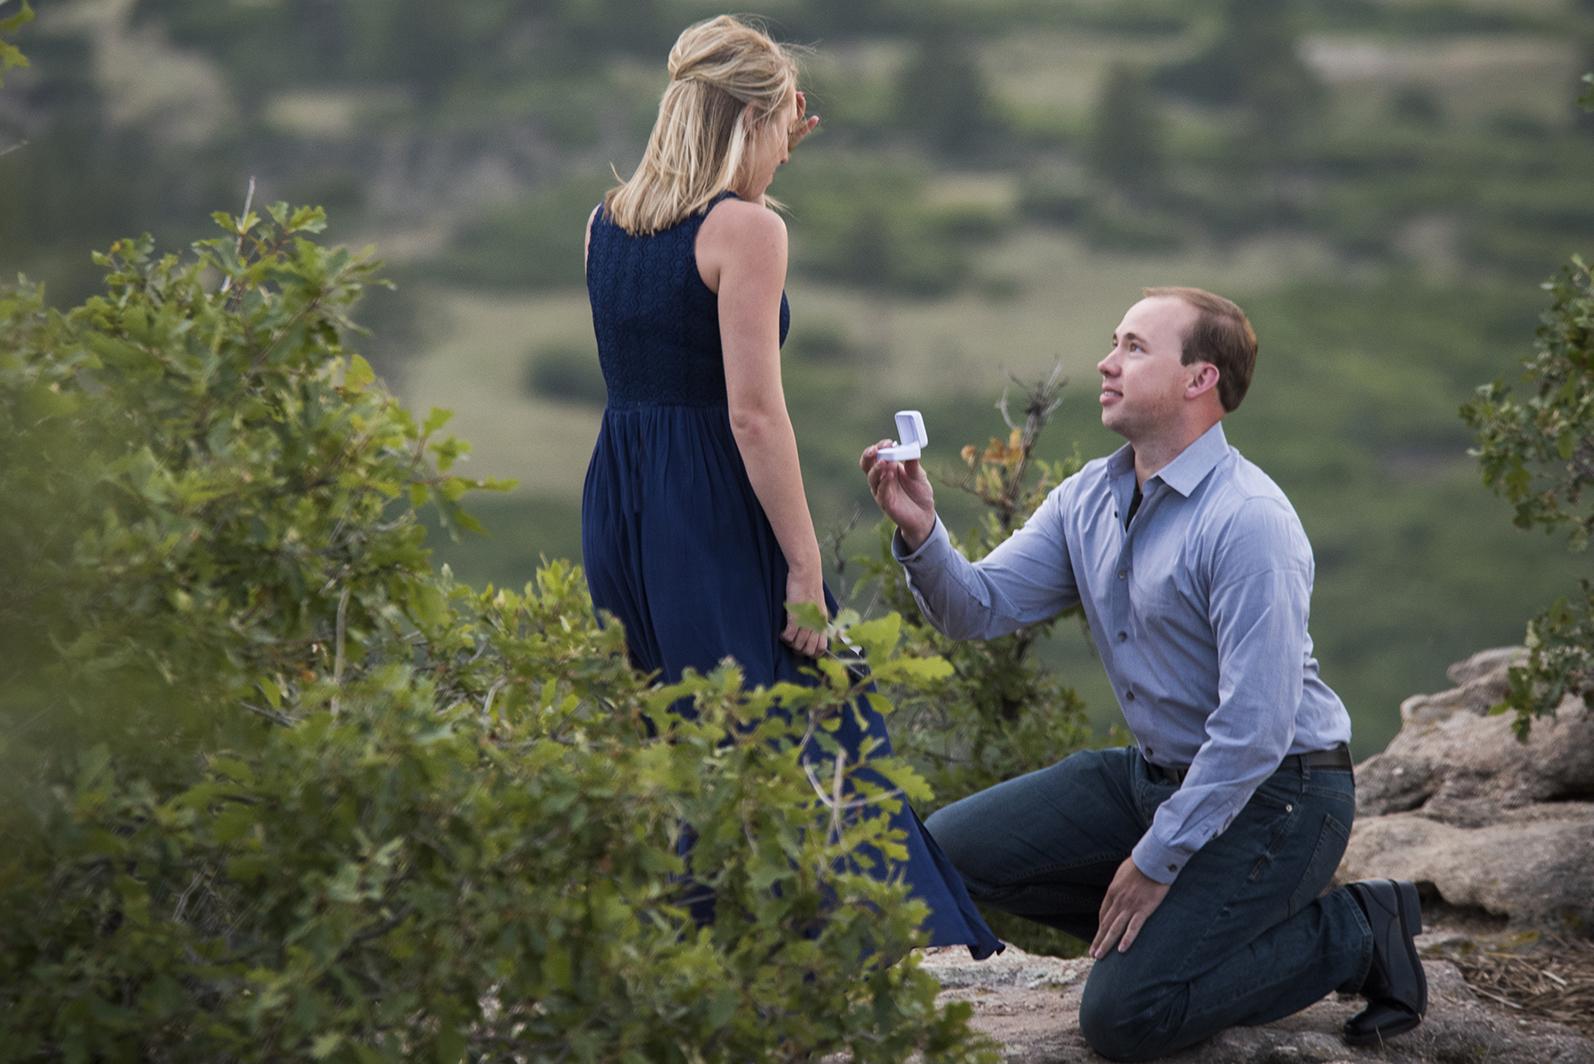 Shane kneeling, proposing to Kim.